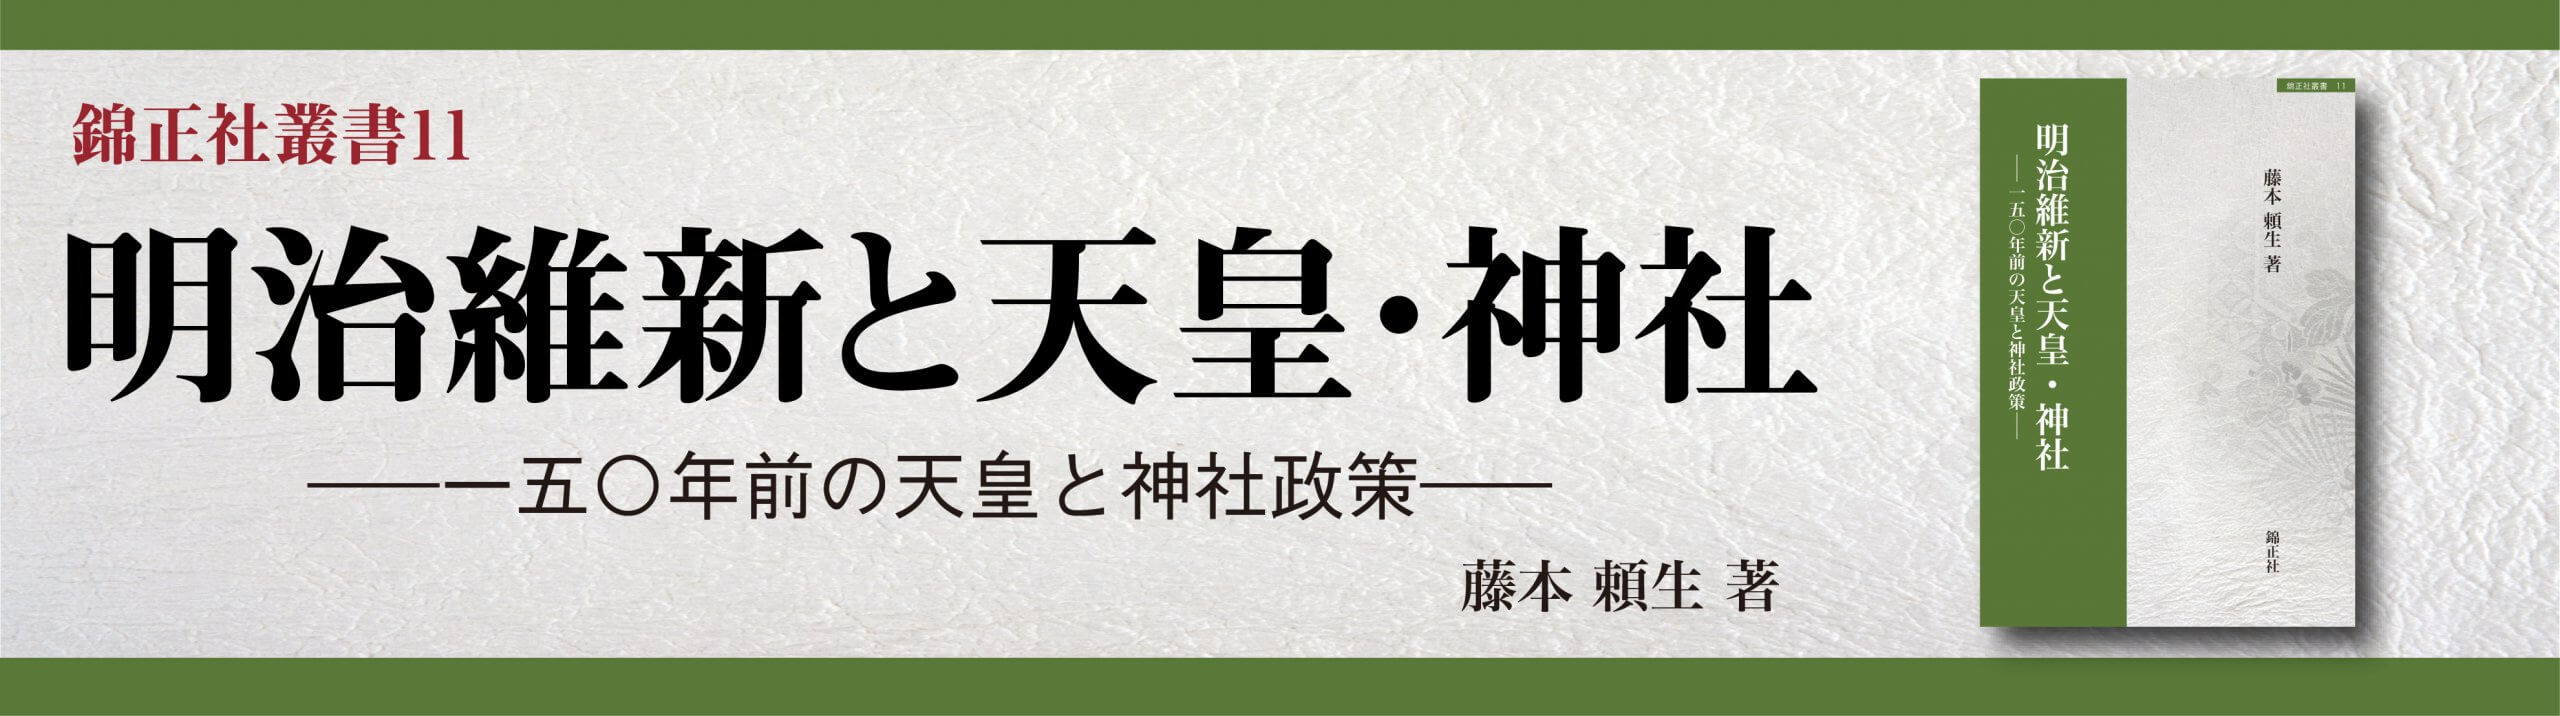 明治維新と天皇・神社